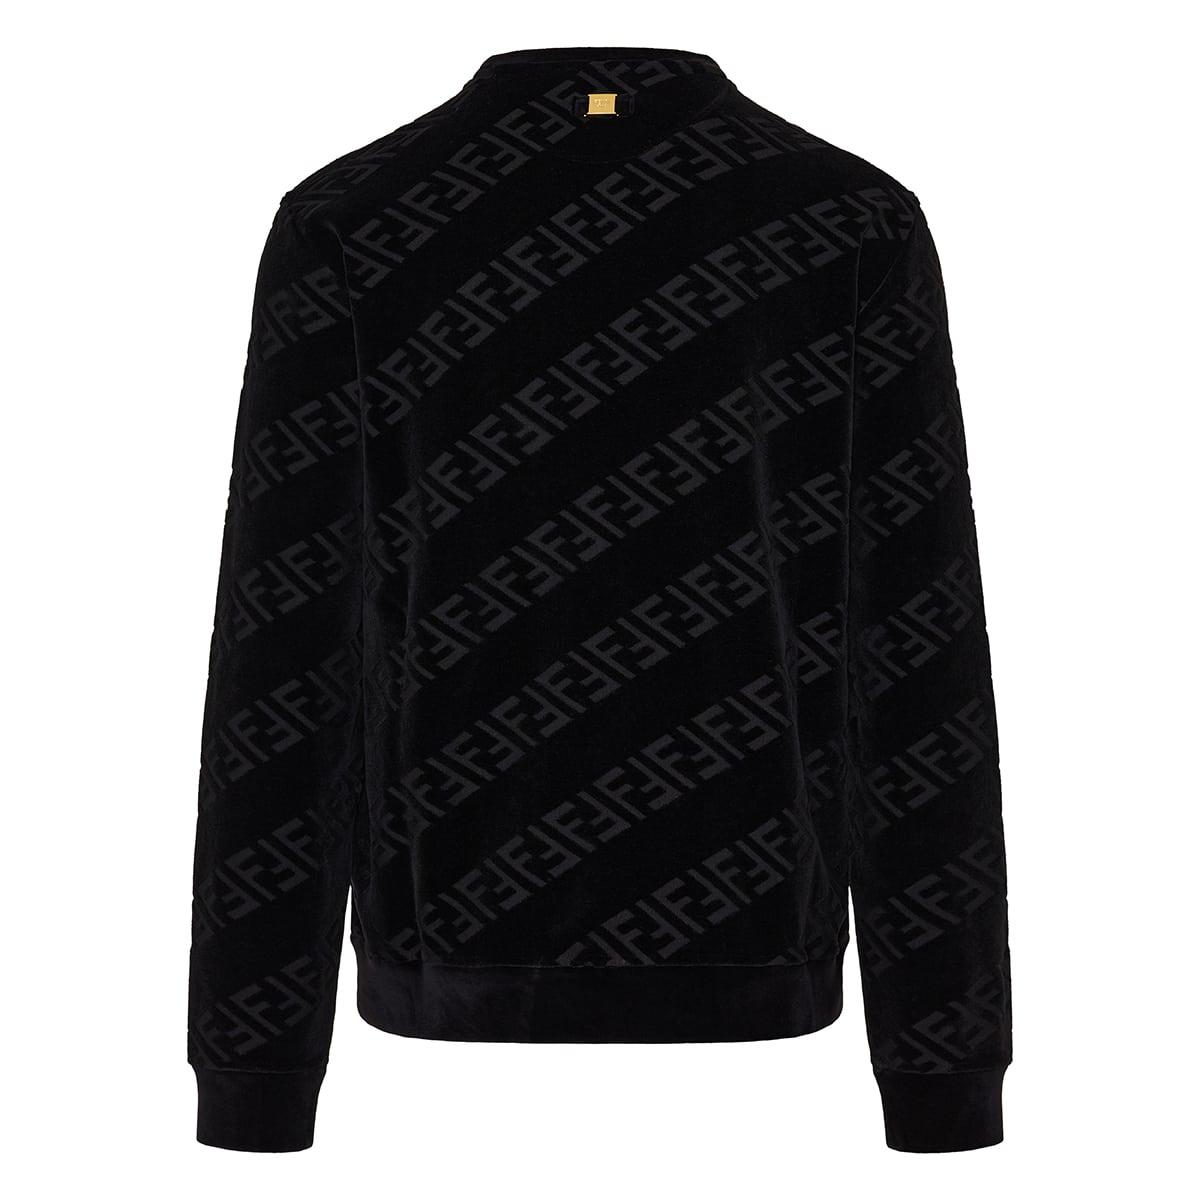 FF jacquard velvet sweatshirt